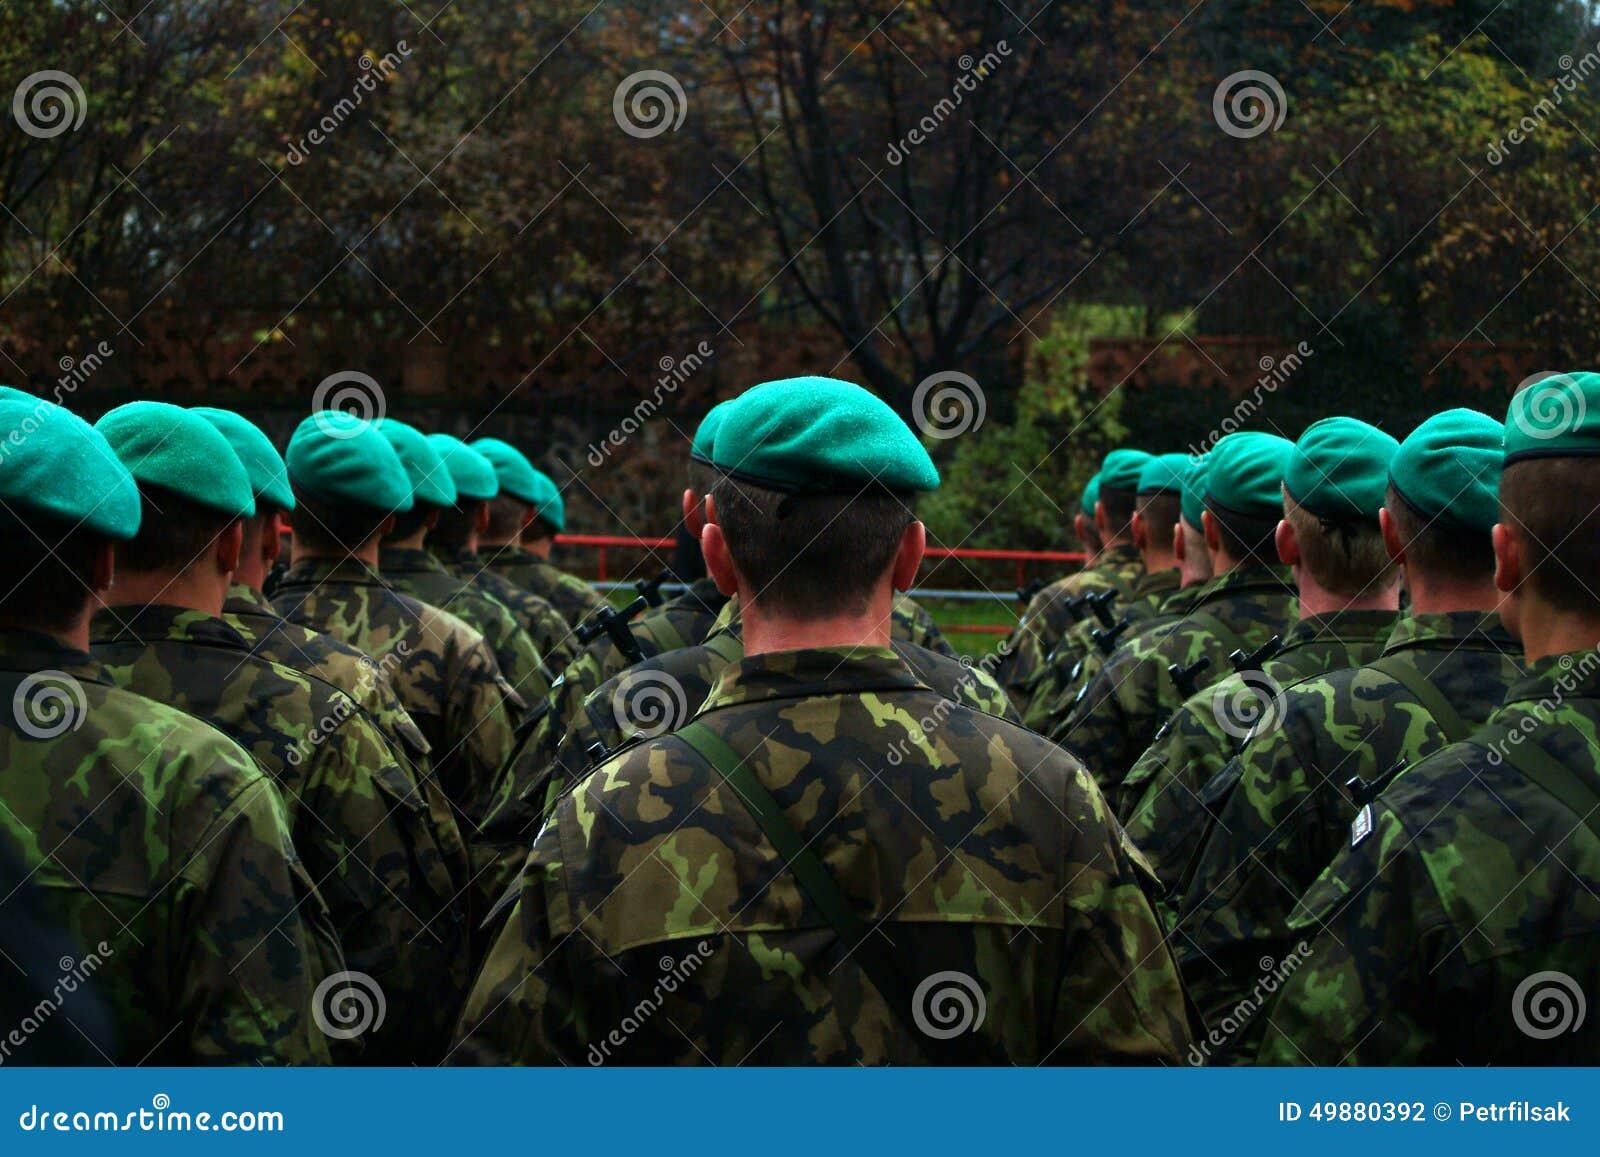 Den Militära Gröna Basker Ståtar 6485af65b5140